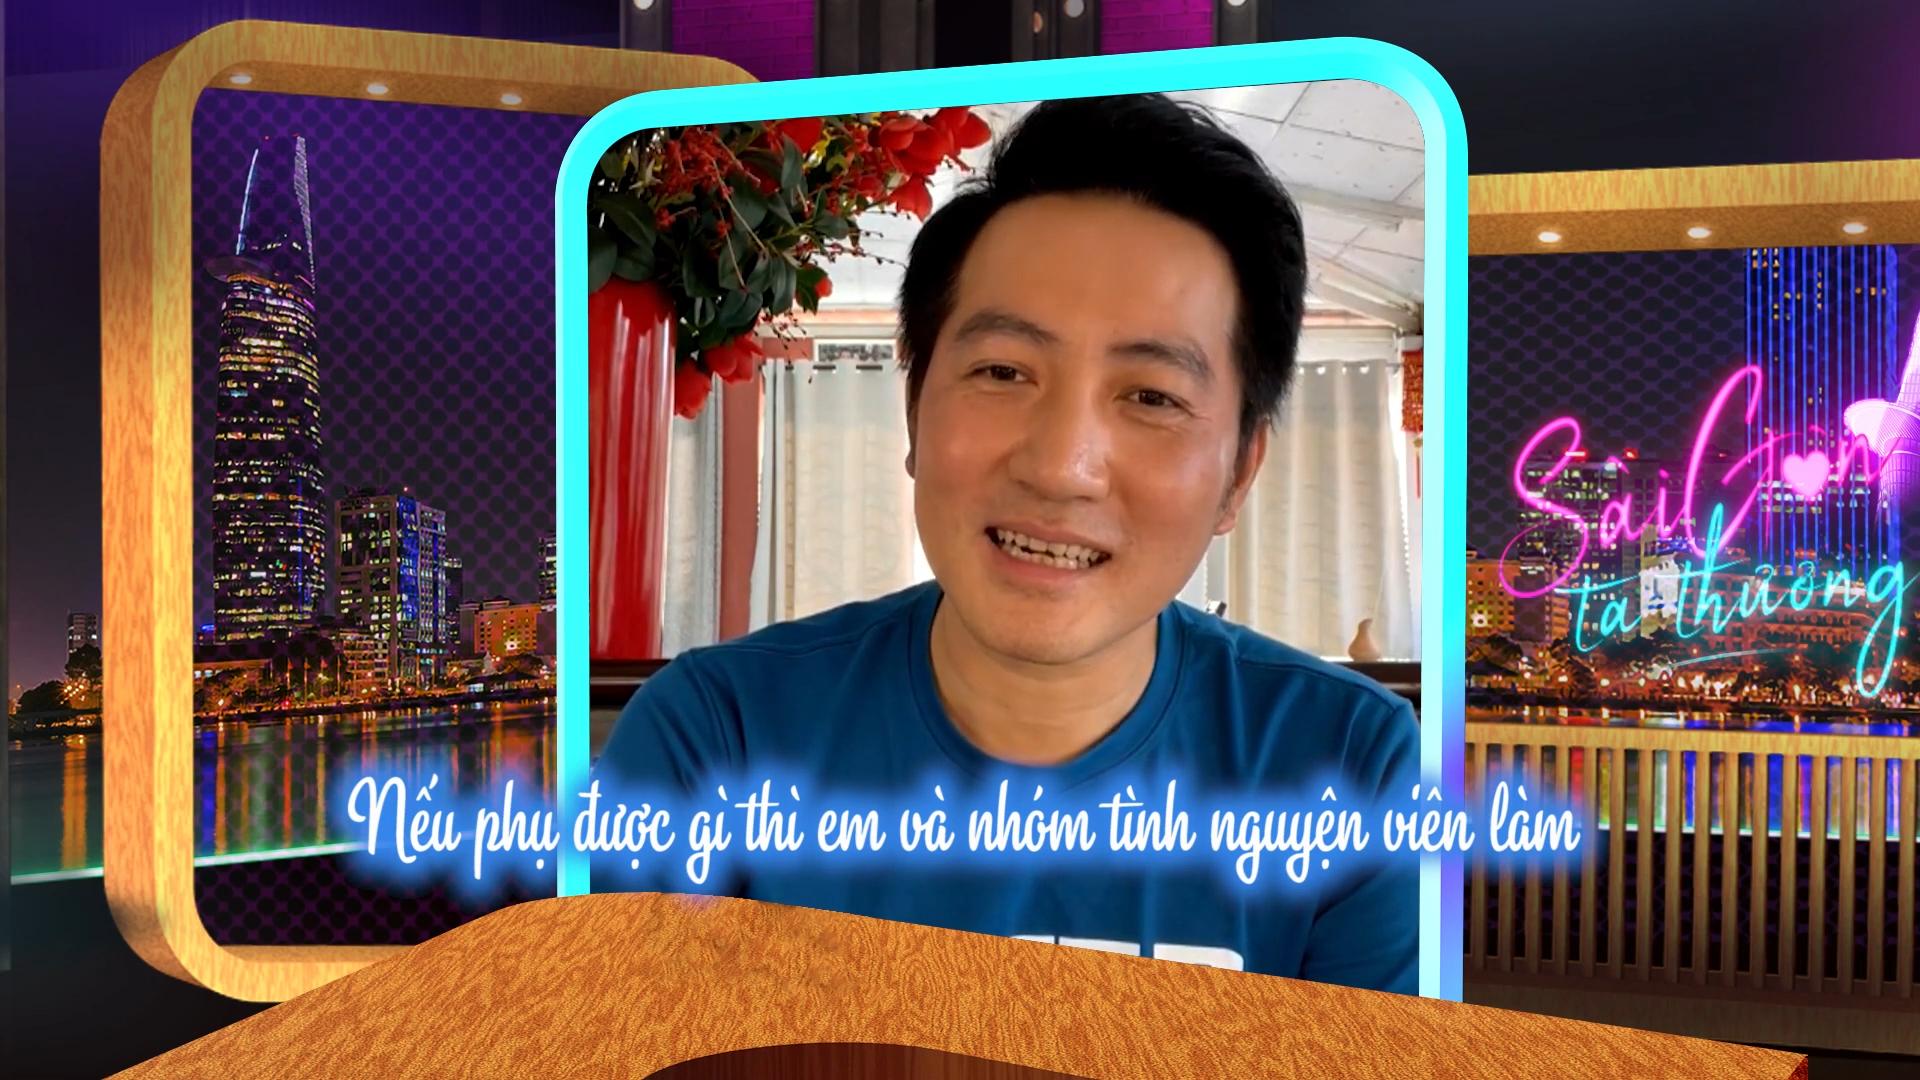 Nguyễn Phi Hùng xúc động nhắc đến hành trình hát cổ động cùng sao Việt tại bệnh viện dã chiến  - Ảnh 6.